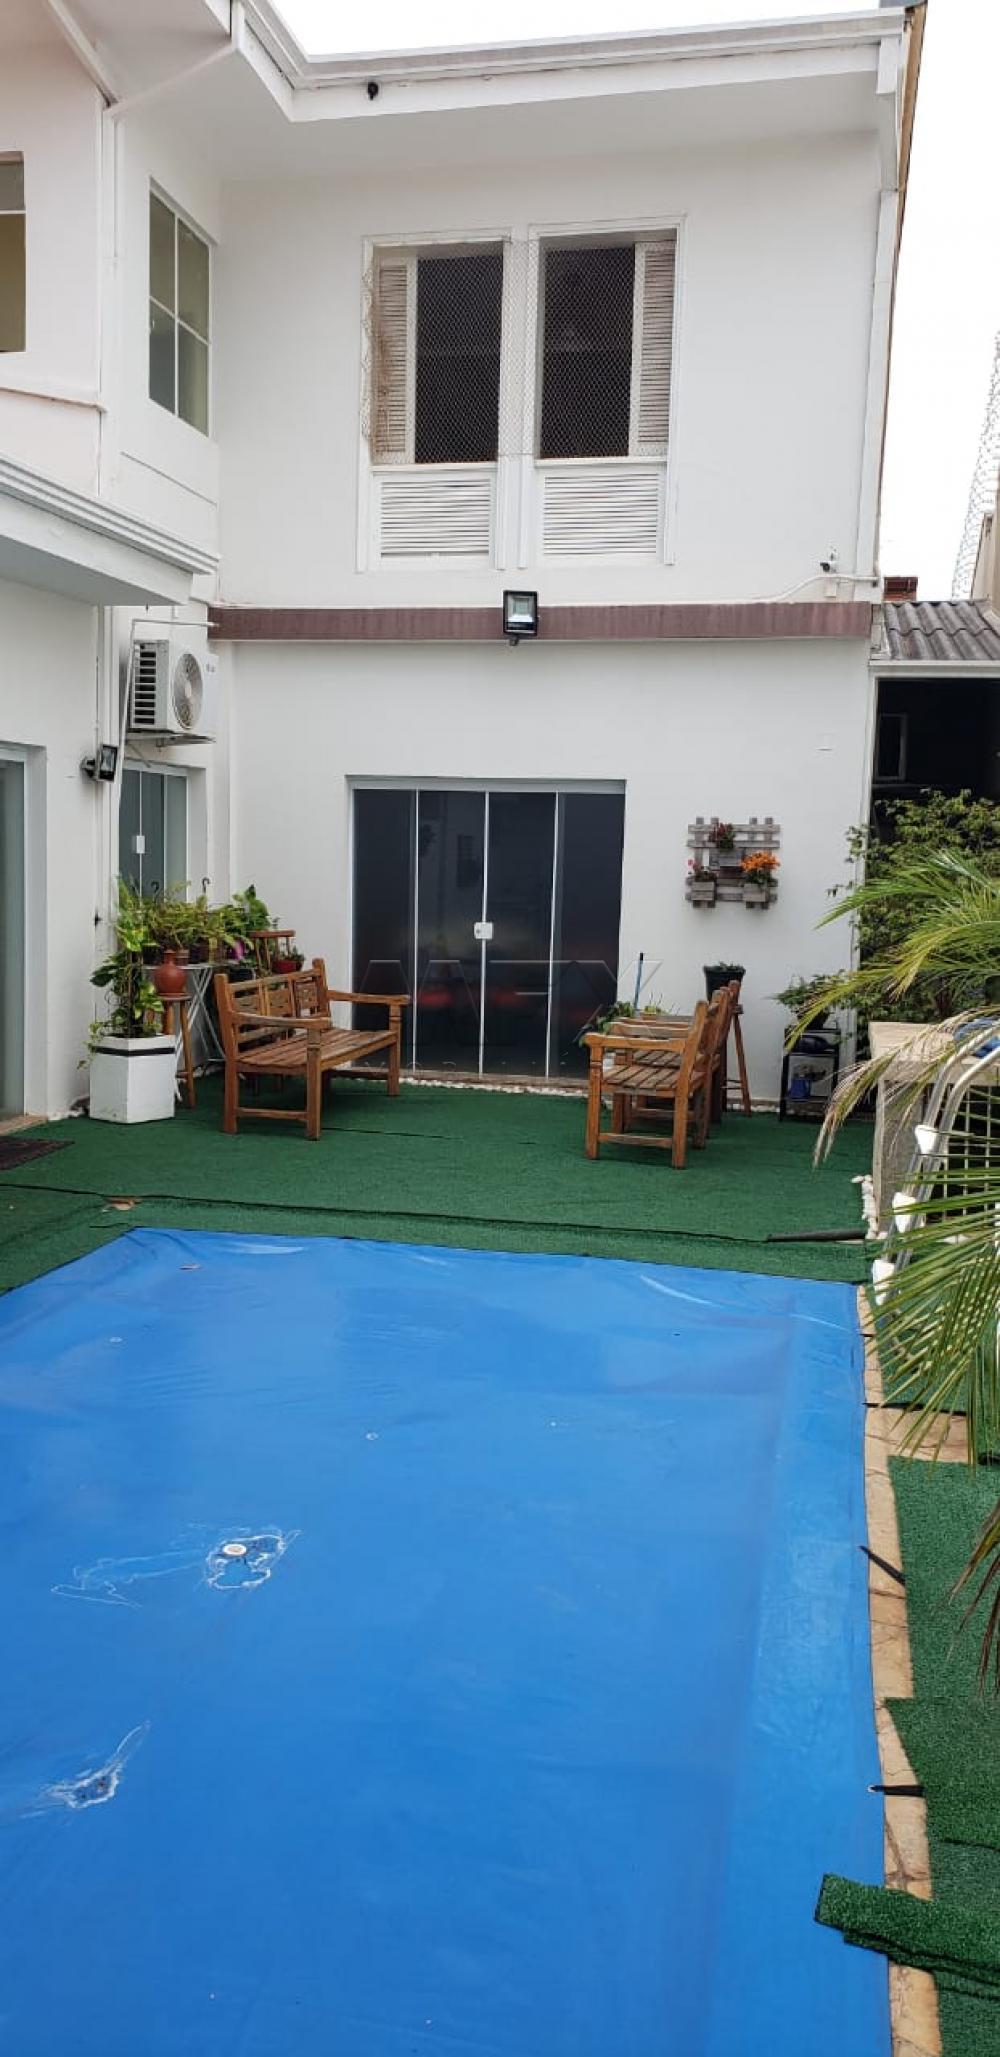 Comprar Casa / Sobrado em Bauru apenas R$ 1.100.000,00 - Foto 3